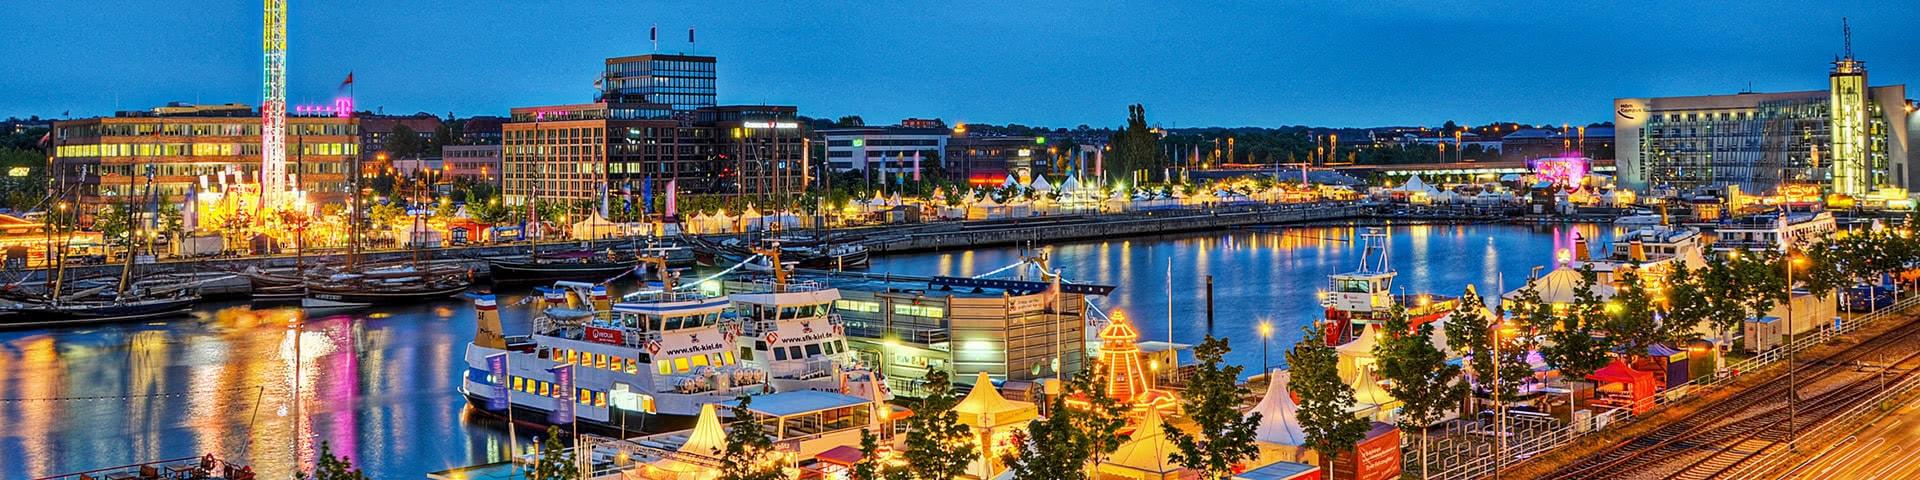 Beleuchteter Hafen während der Kieler Woche